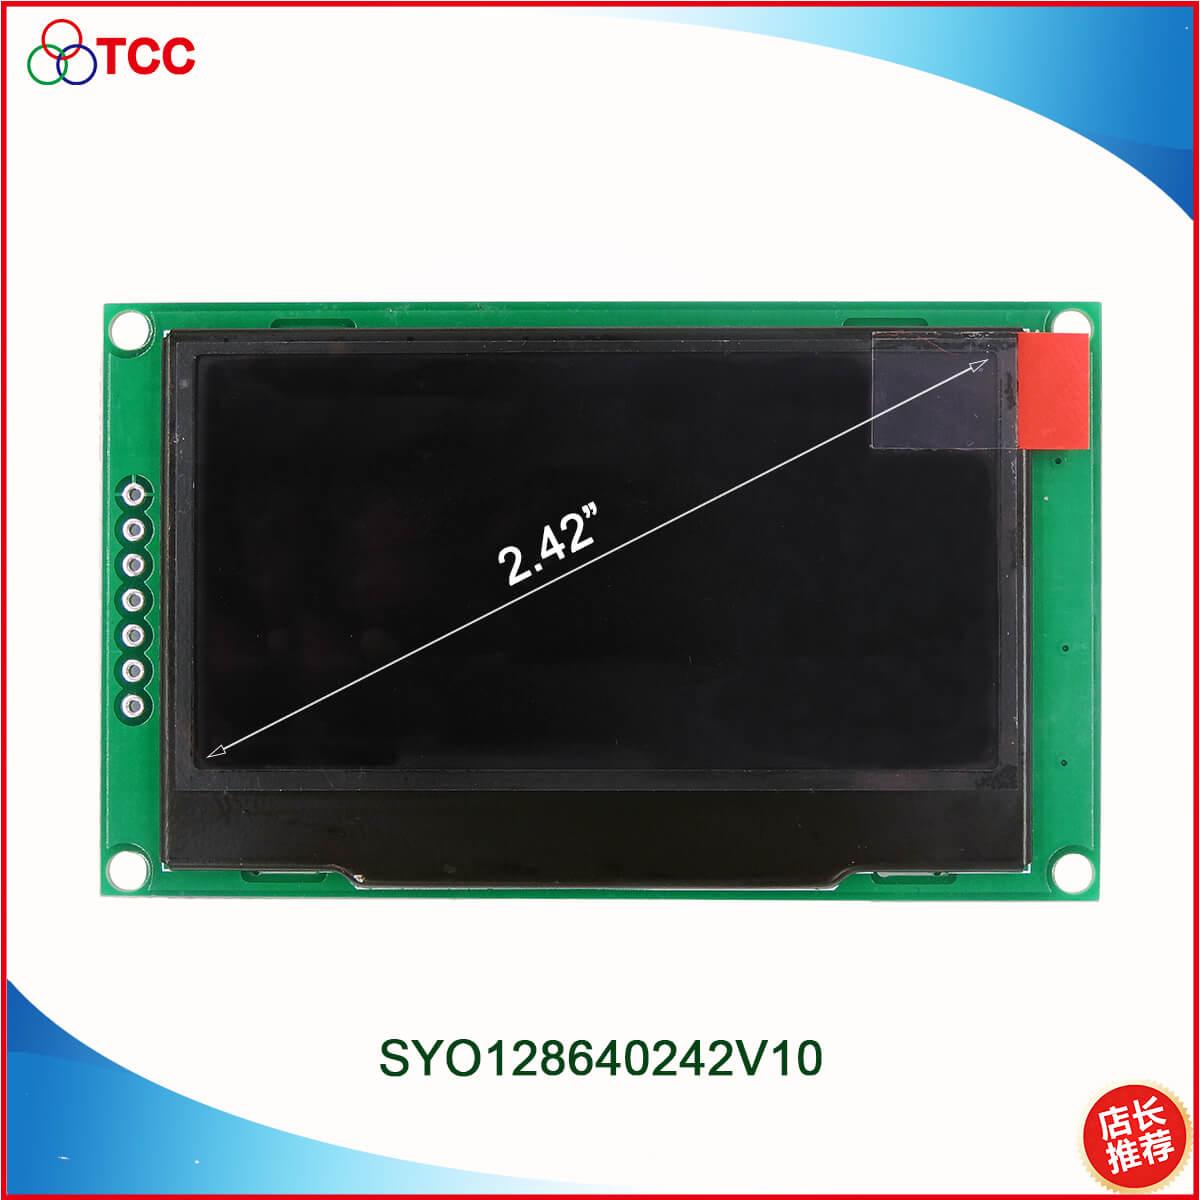 三元晶科技专业供应12864液晶屏,2.42寸价格如何